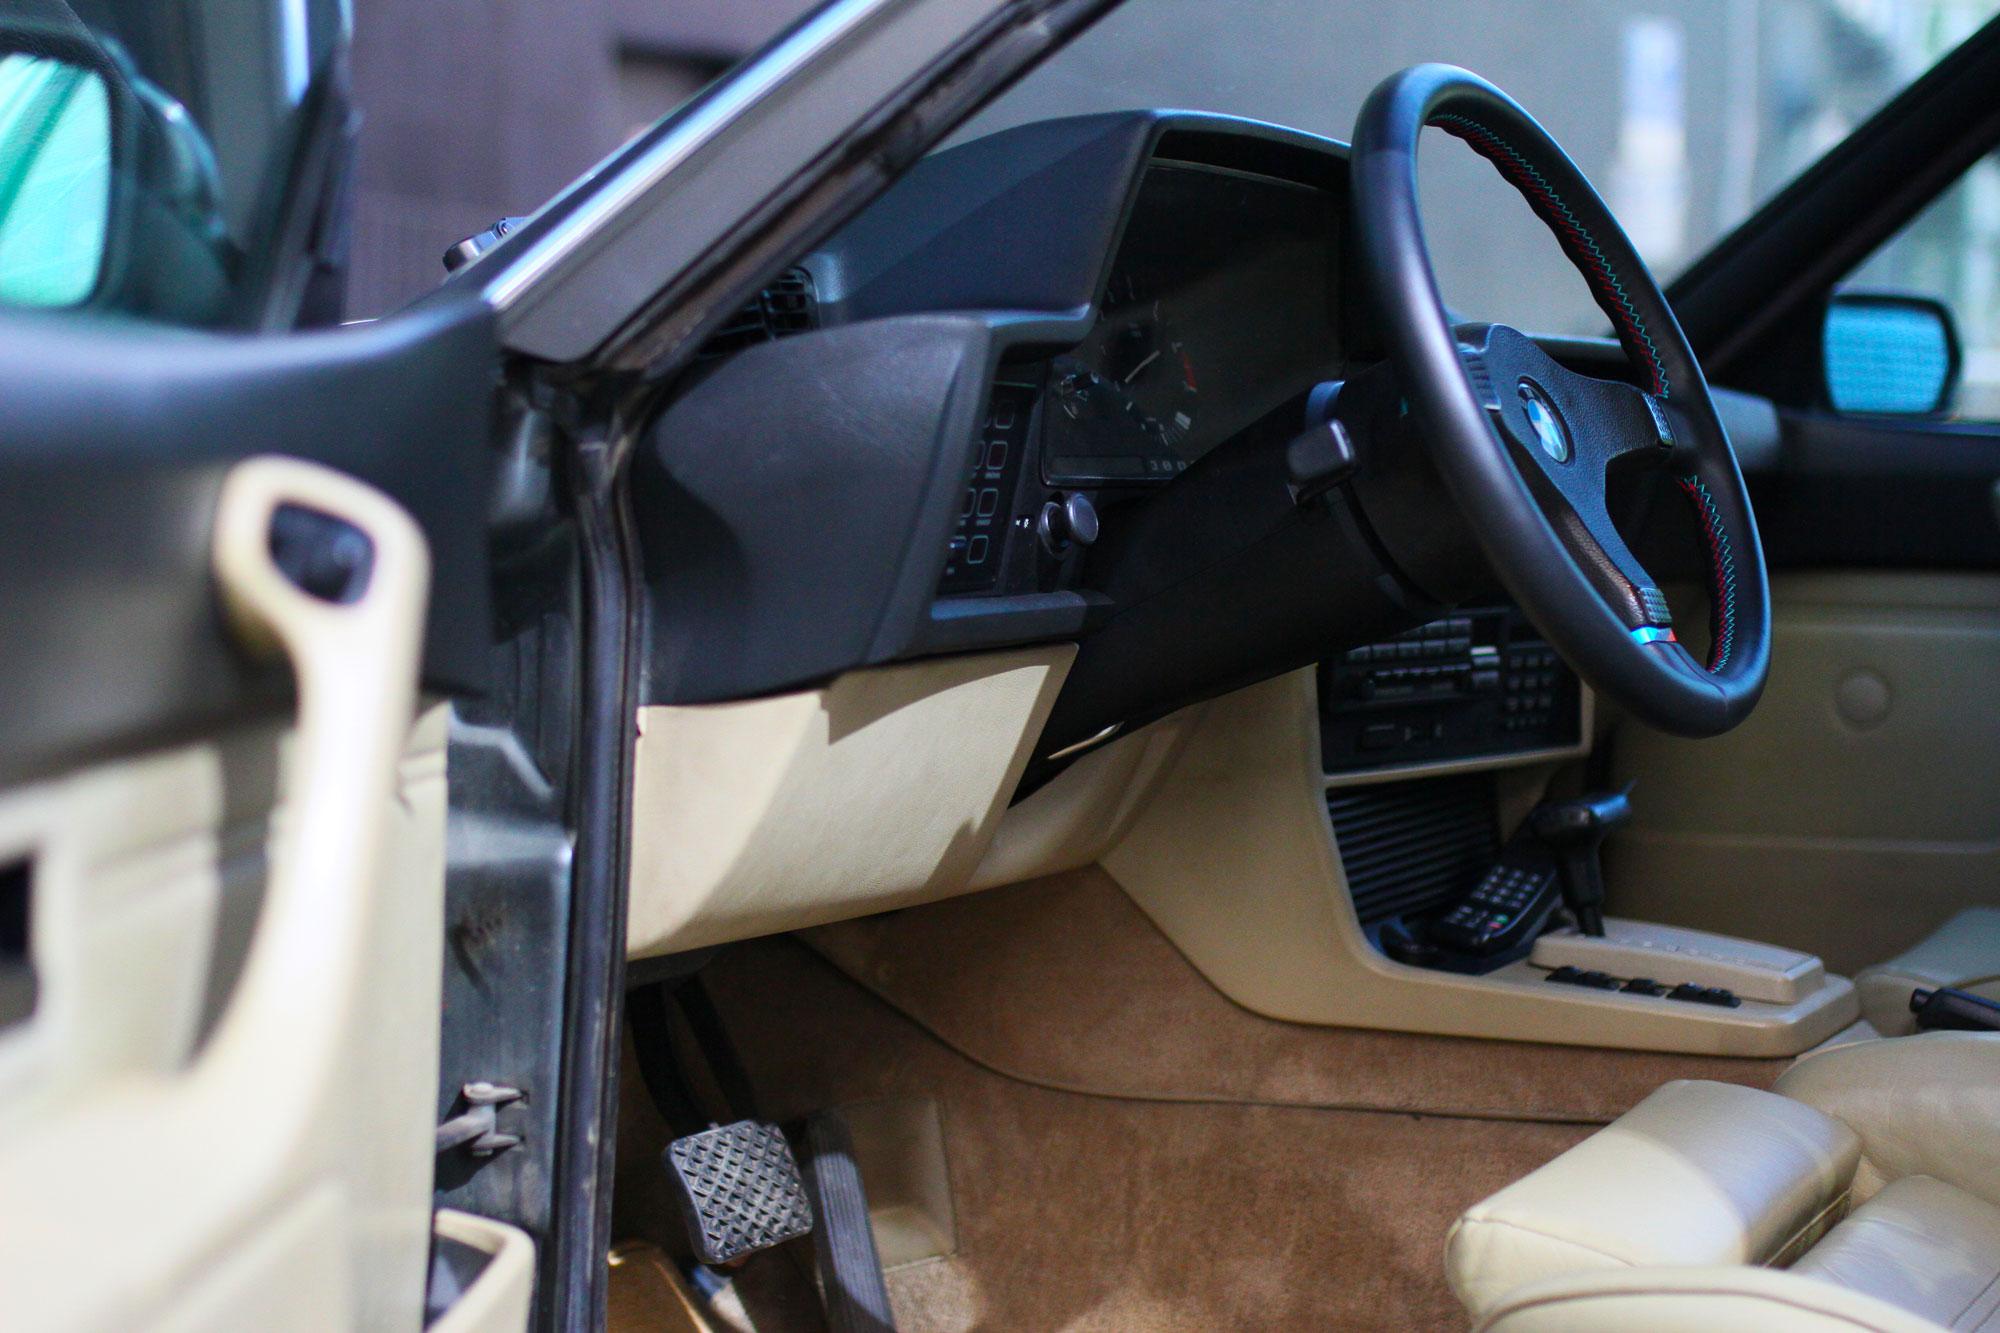 Inredning med öppen förardörr och M-ratt på BMW 635